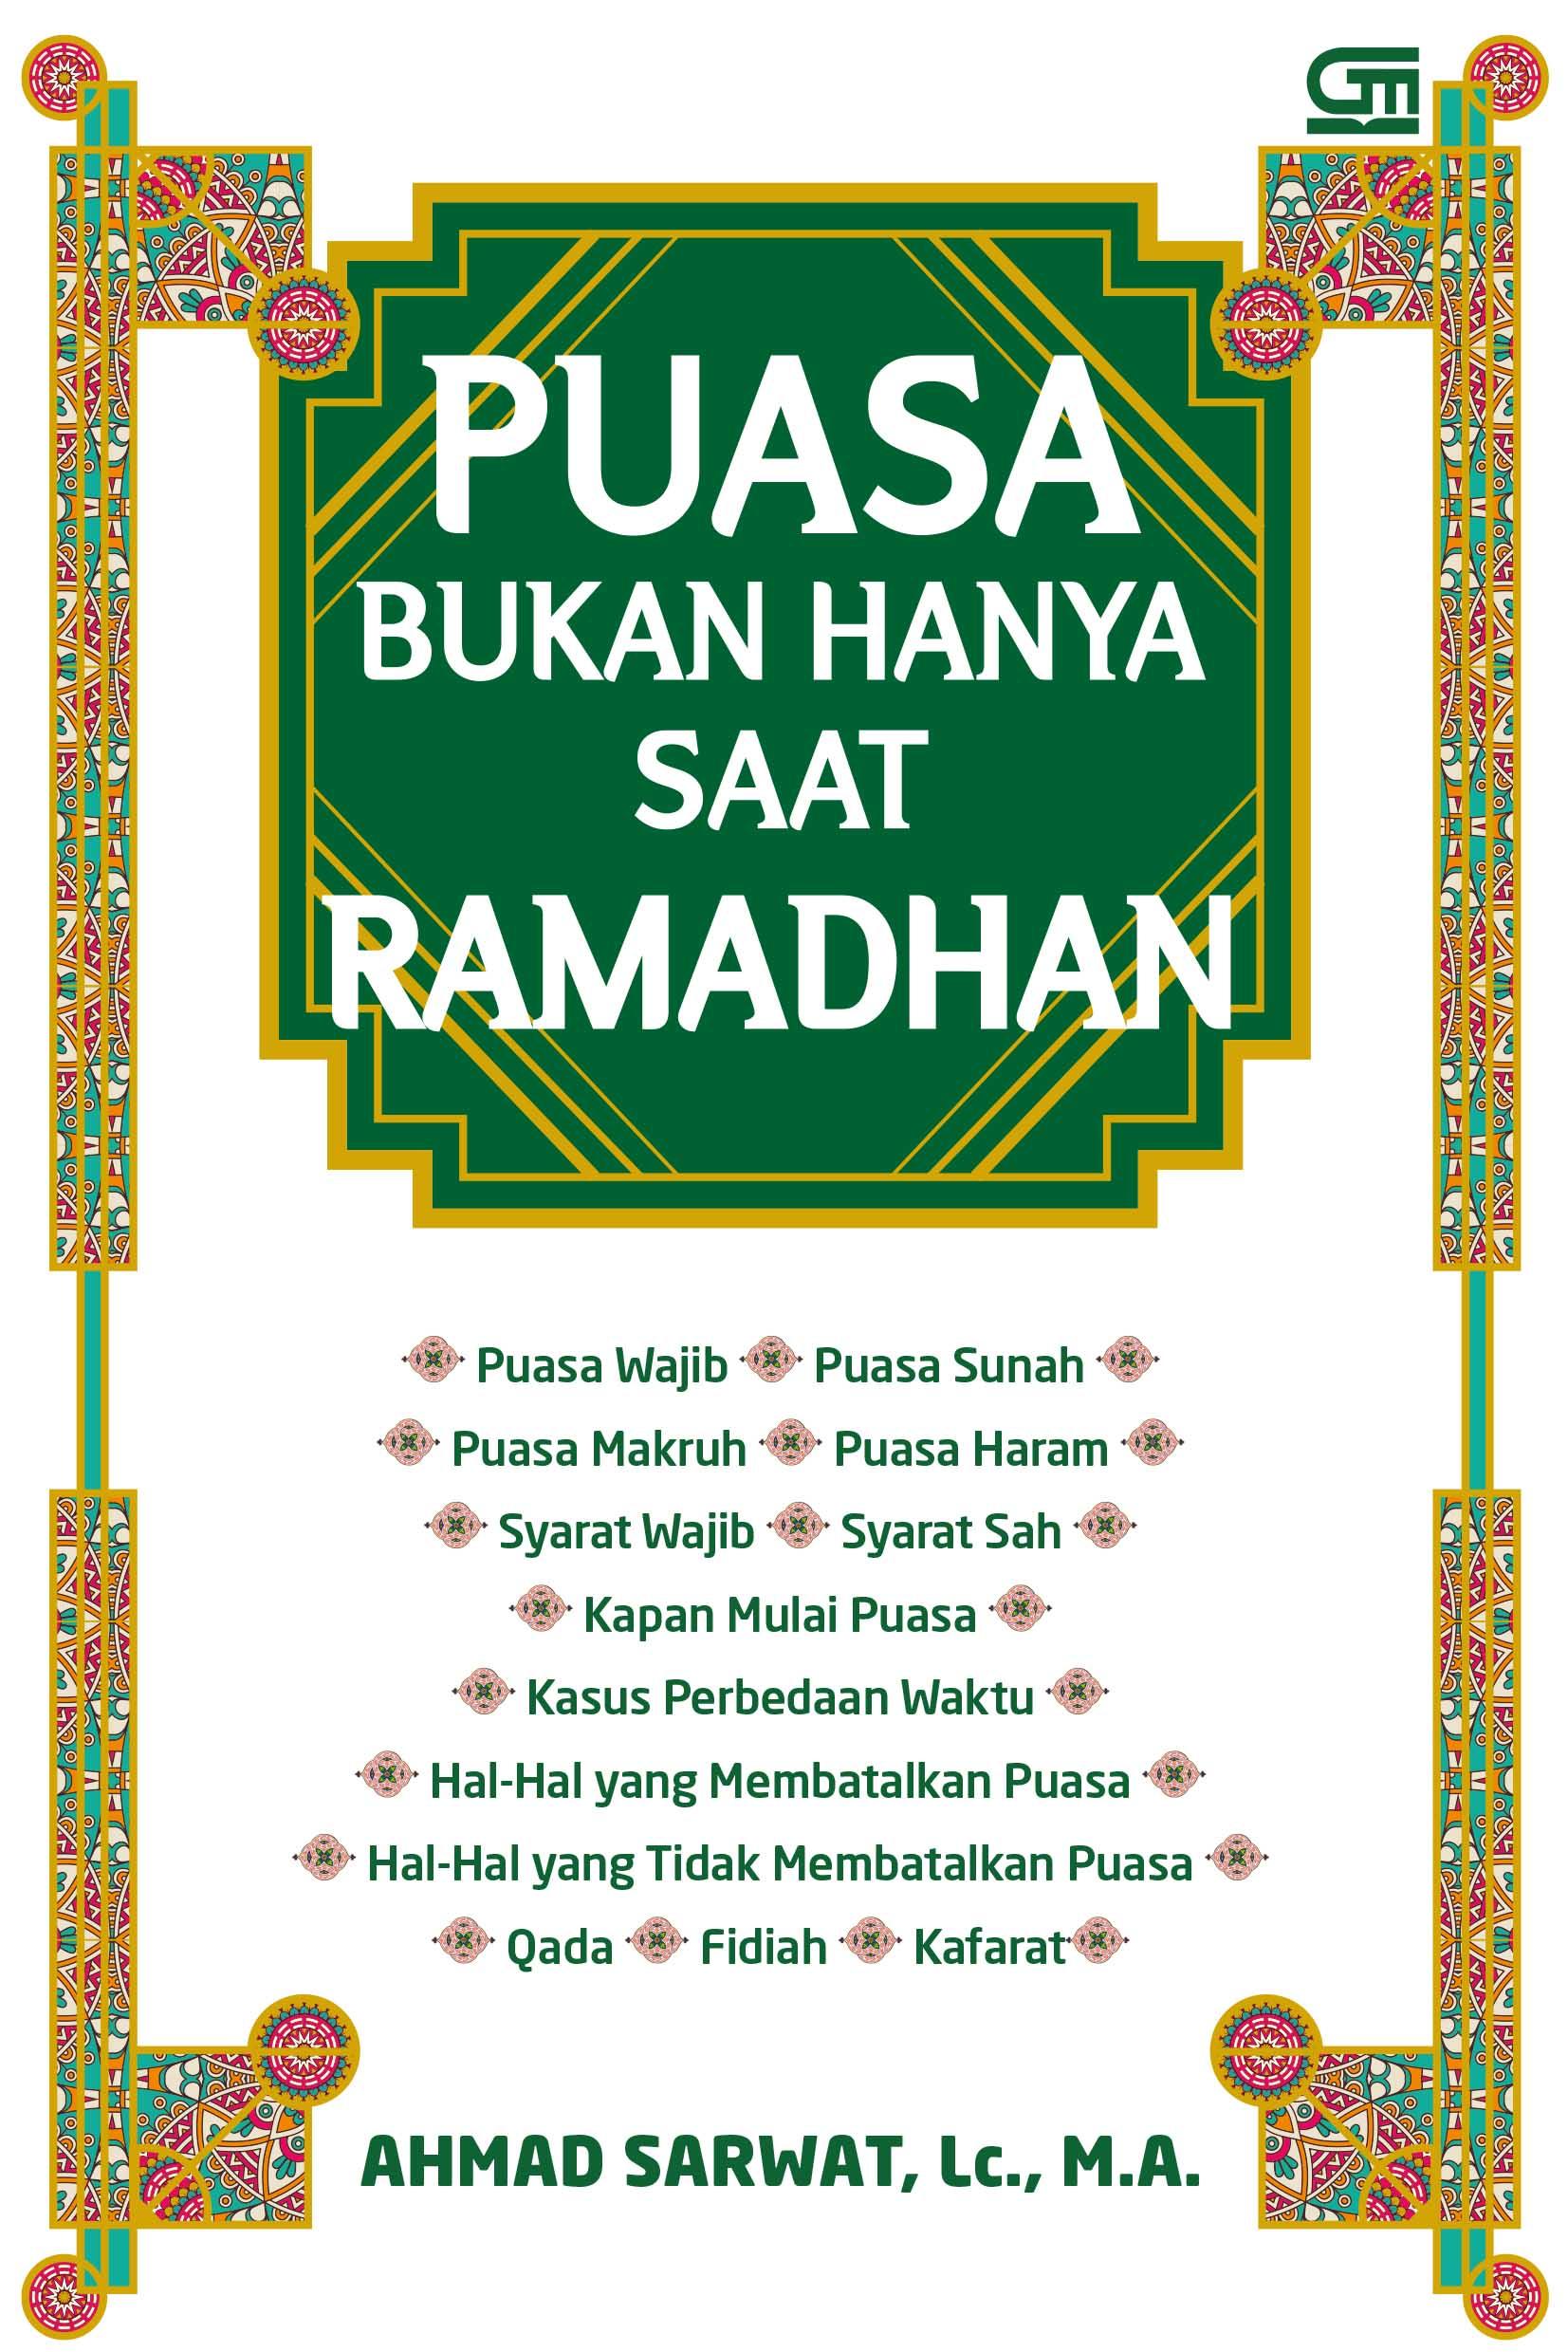 Puasa Bukan Hanya Saat Ramadhan (Cover Baru)